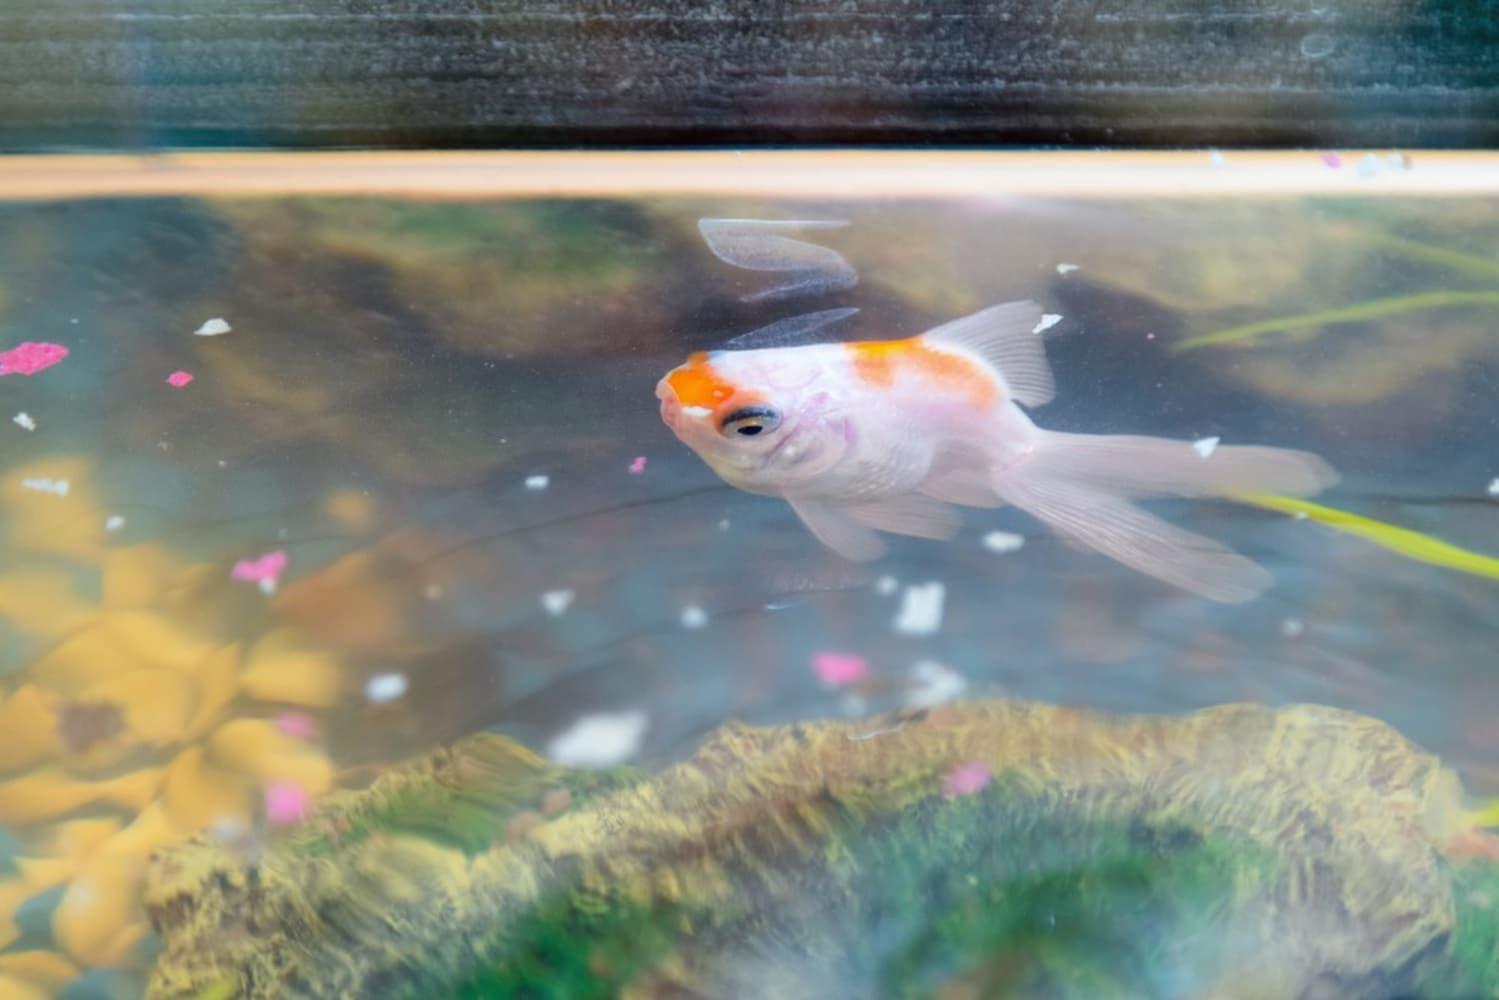 フレークタイプ|柔らかいので、小さな金魚でも食べやすい